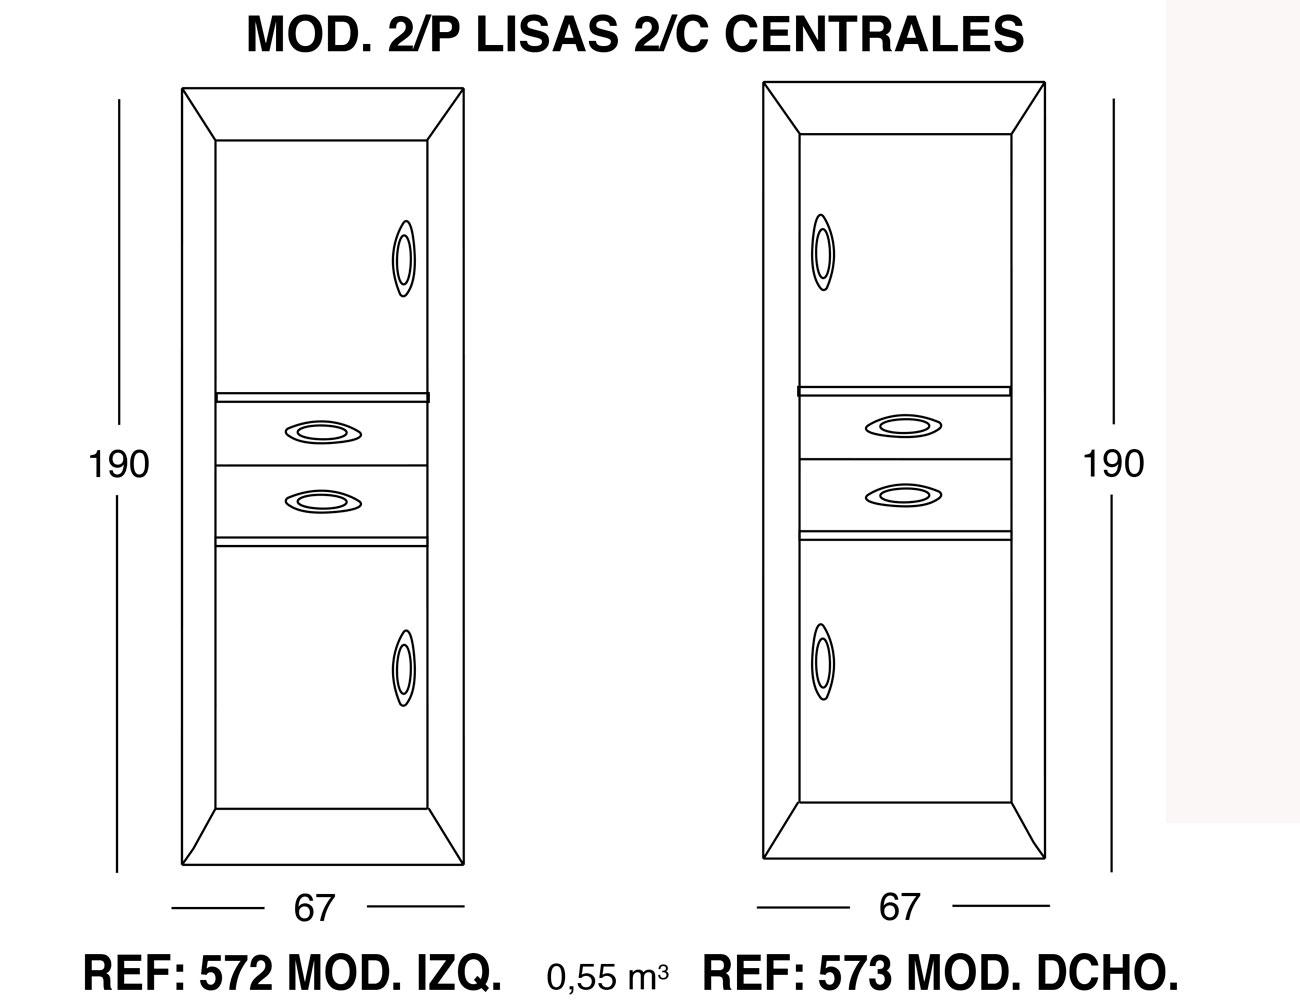 Modulo 2 puertas lisas 2 cajones centrales